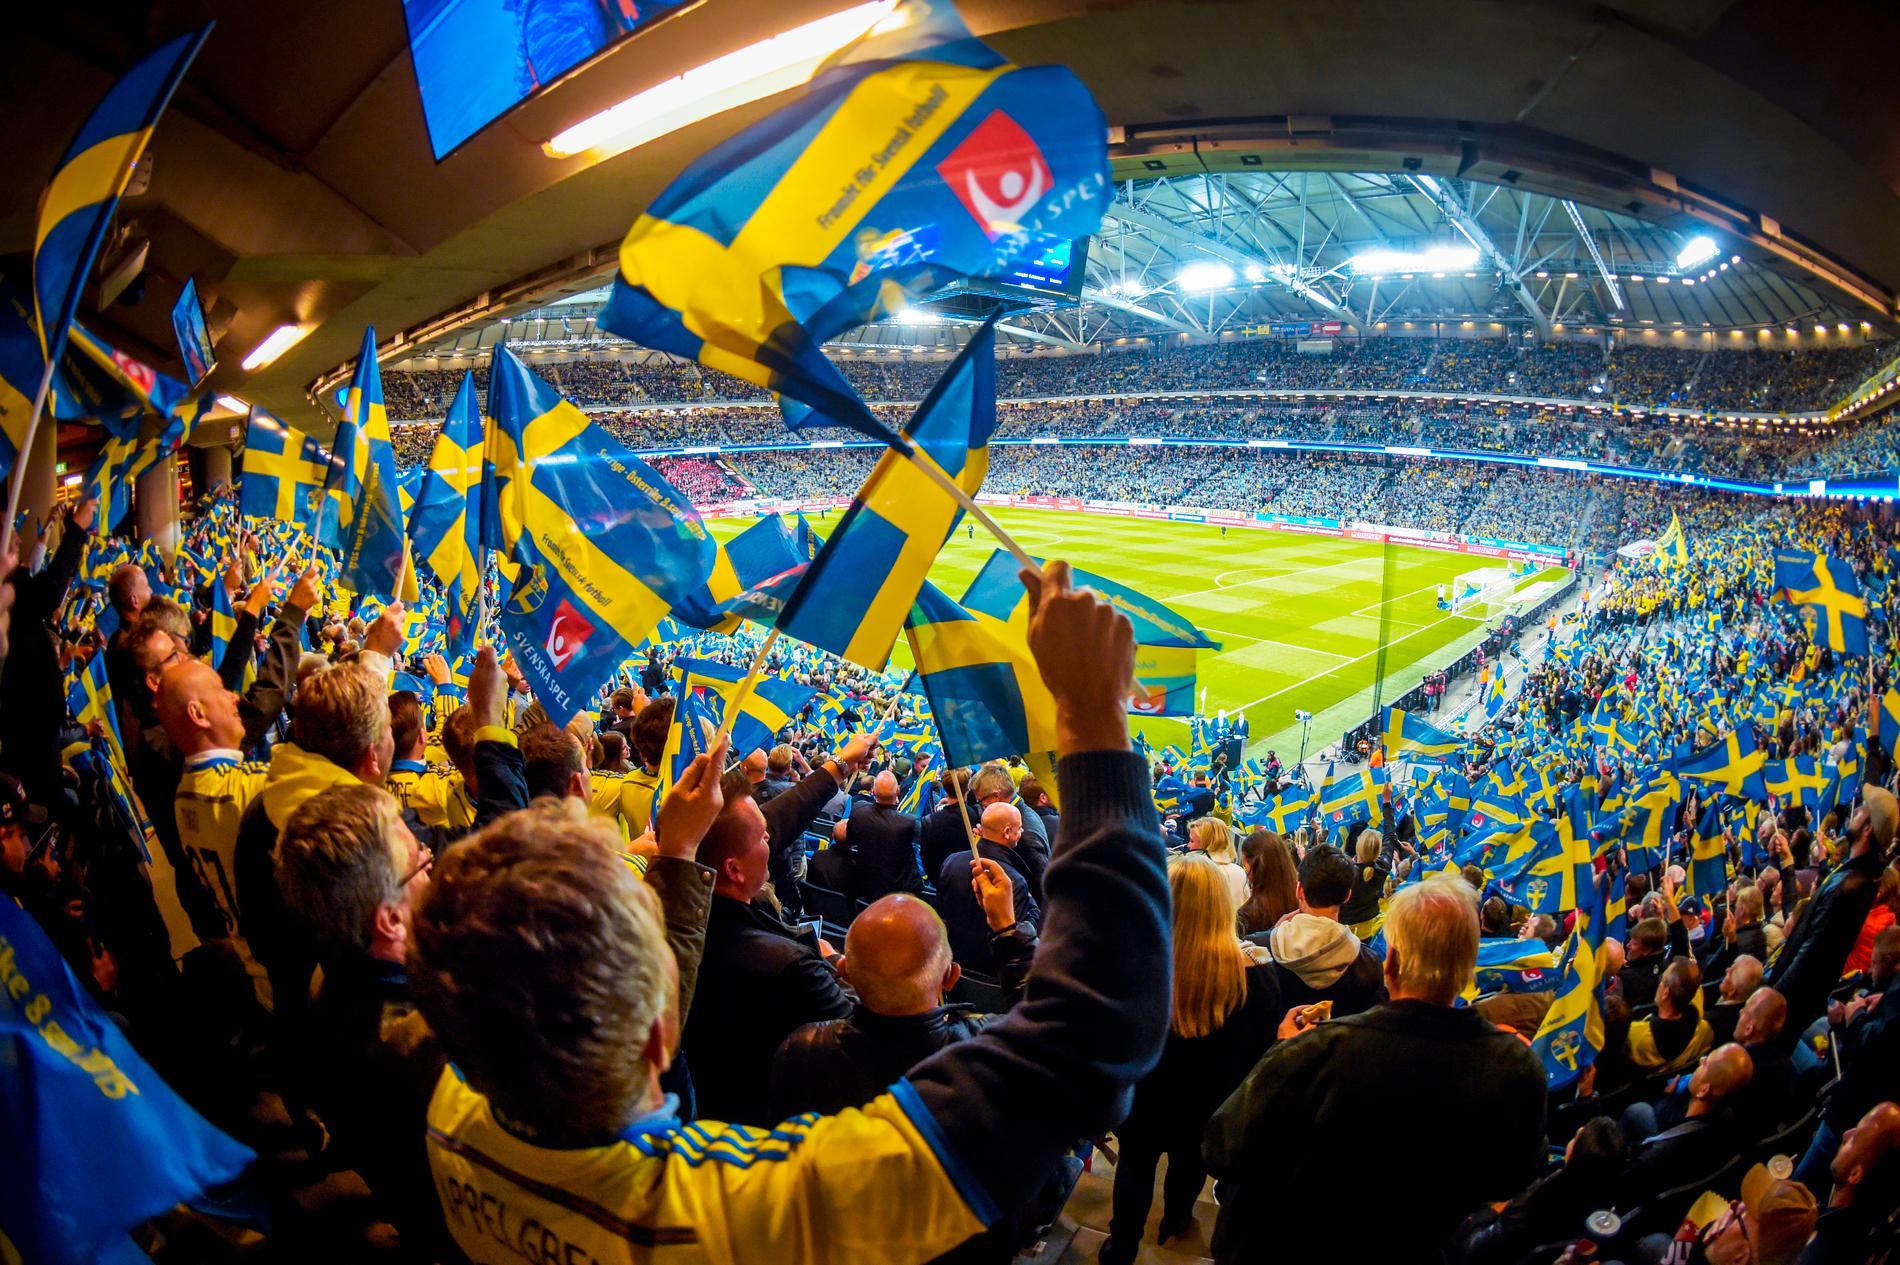 När Sverige mötte Österrike 2015 var det fullsatt.